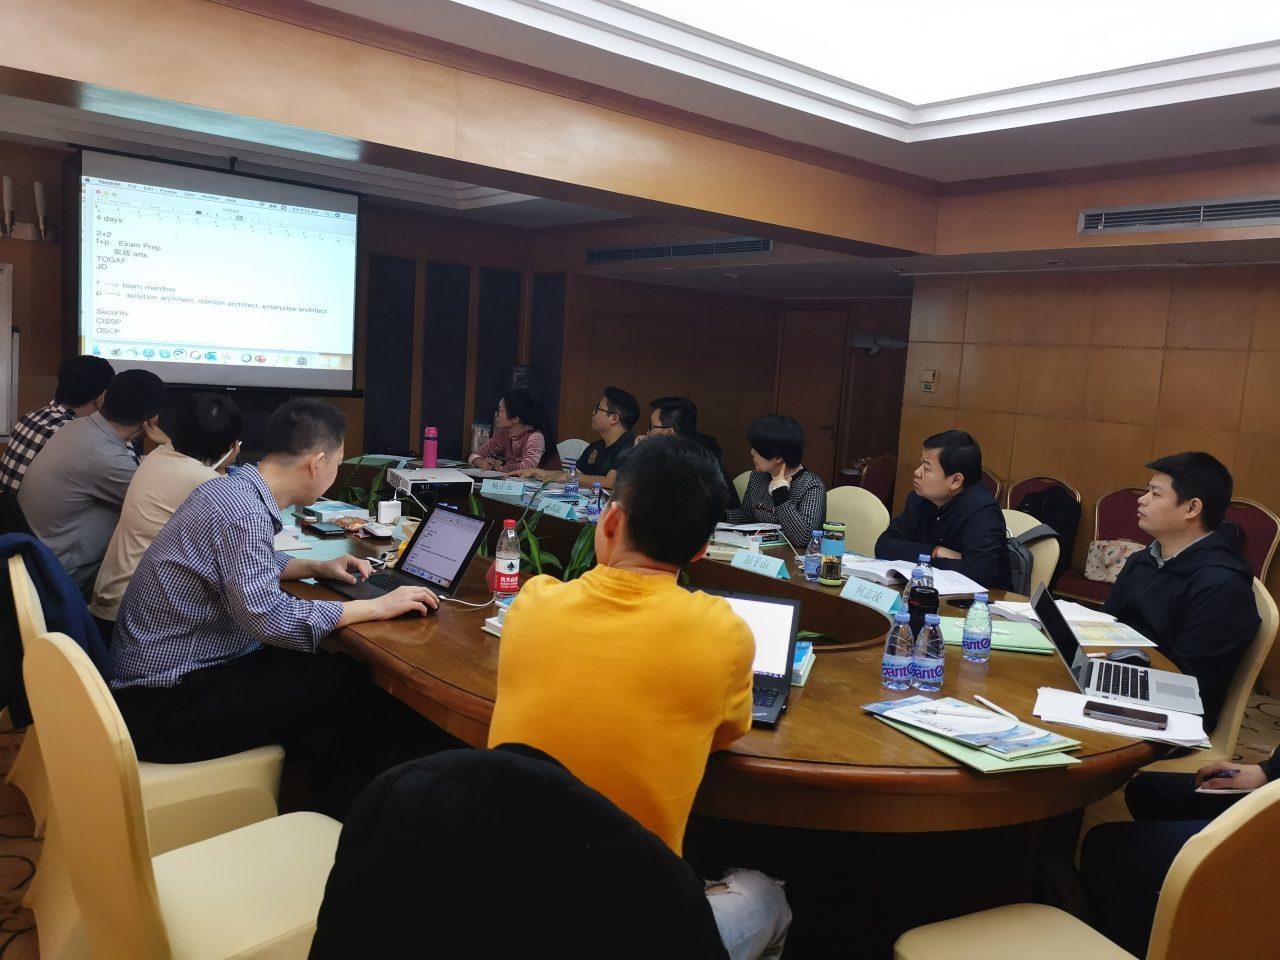 第44期Togaf企业架构公开课深圳班12月21日成功开班! -- 第2张